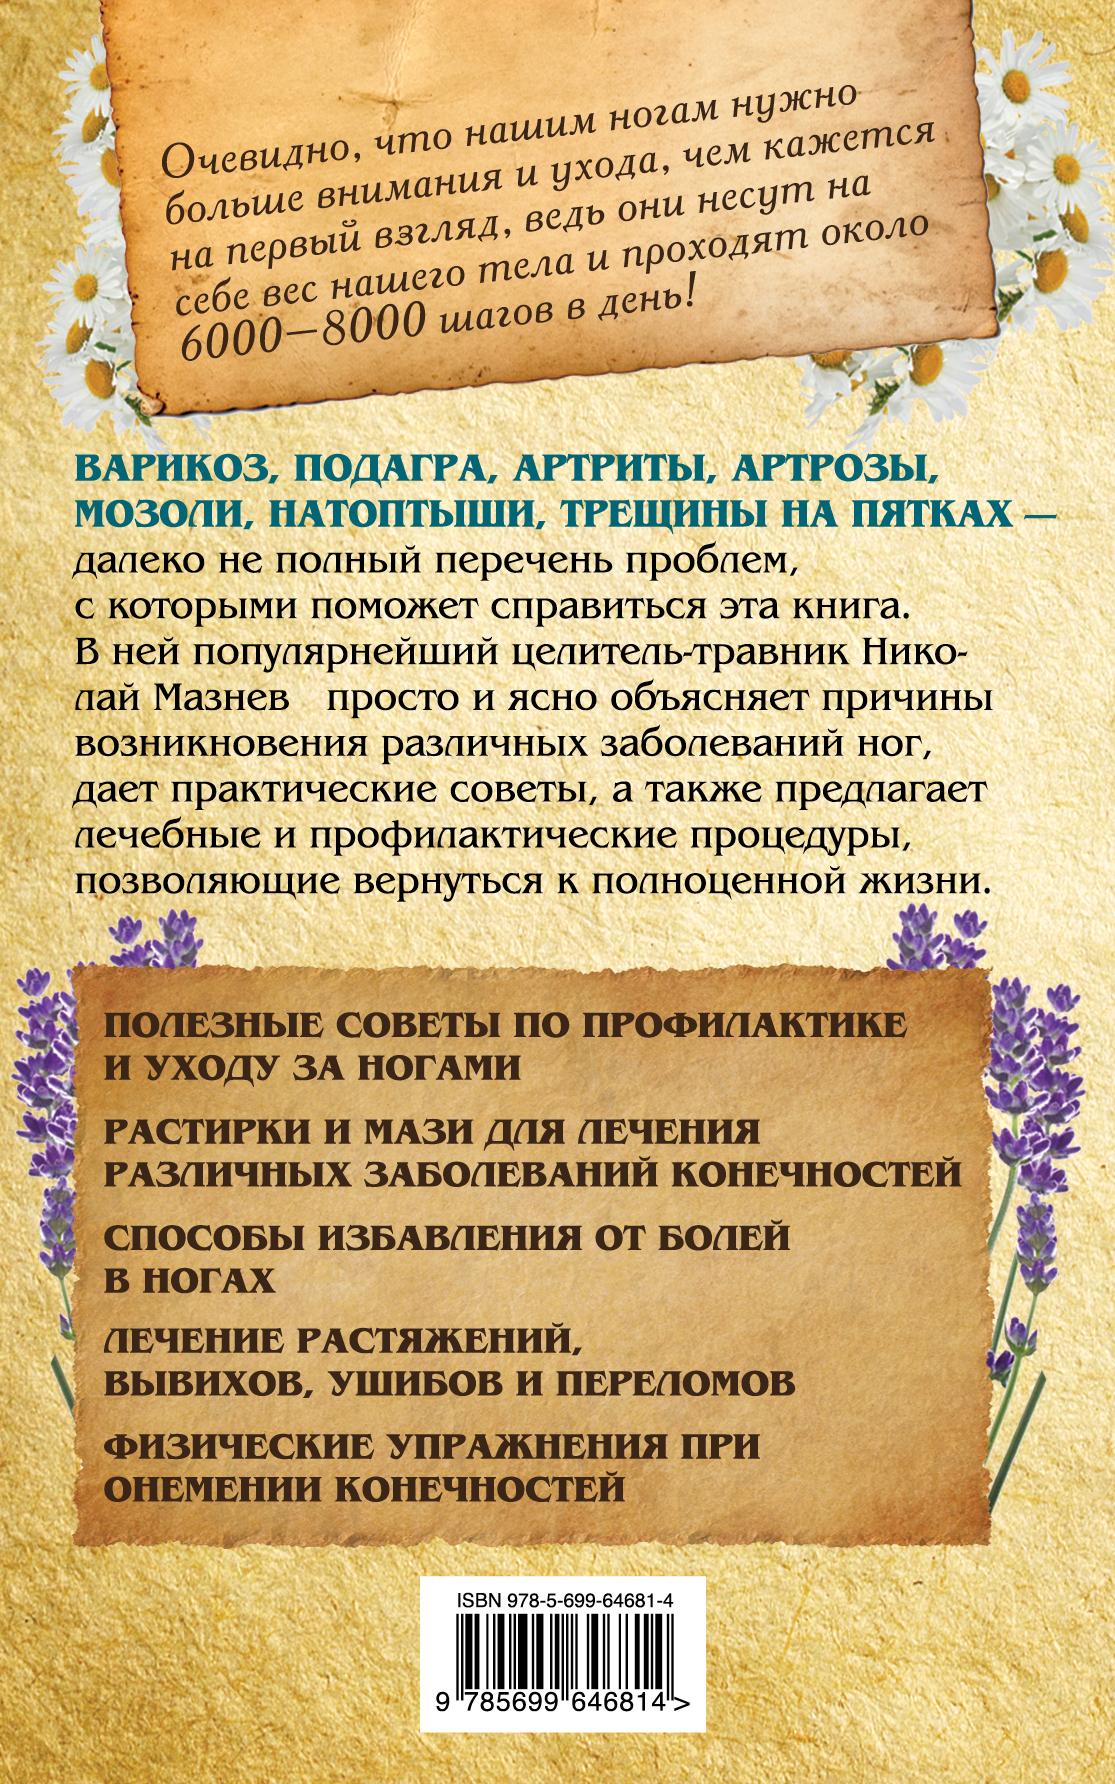 Здоровье ног. Полезные рекомендации от целителя Николая Мазнева